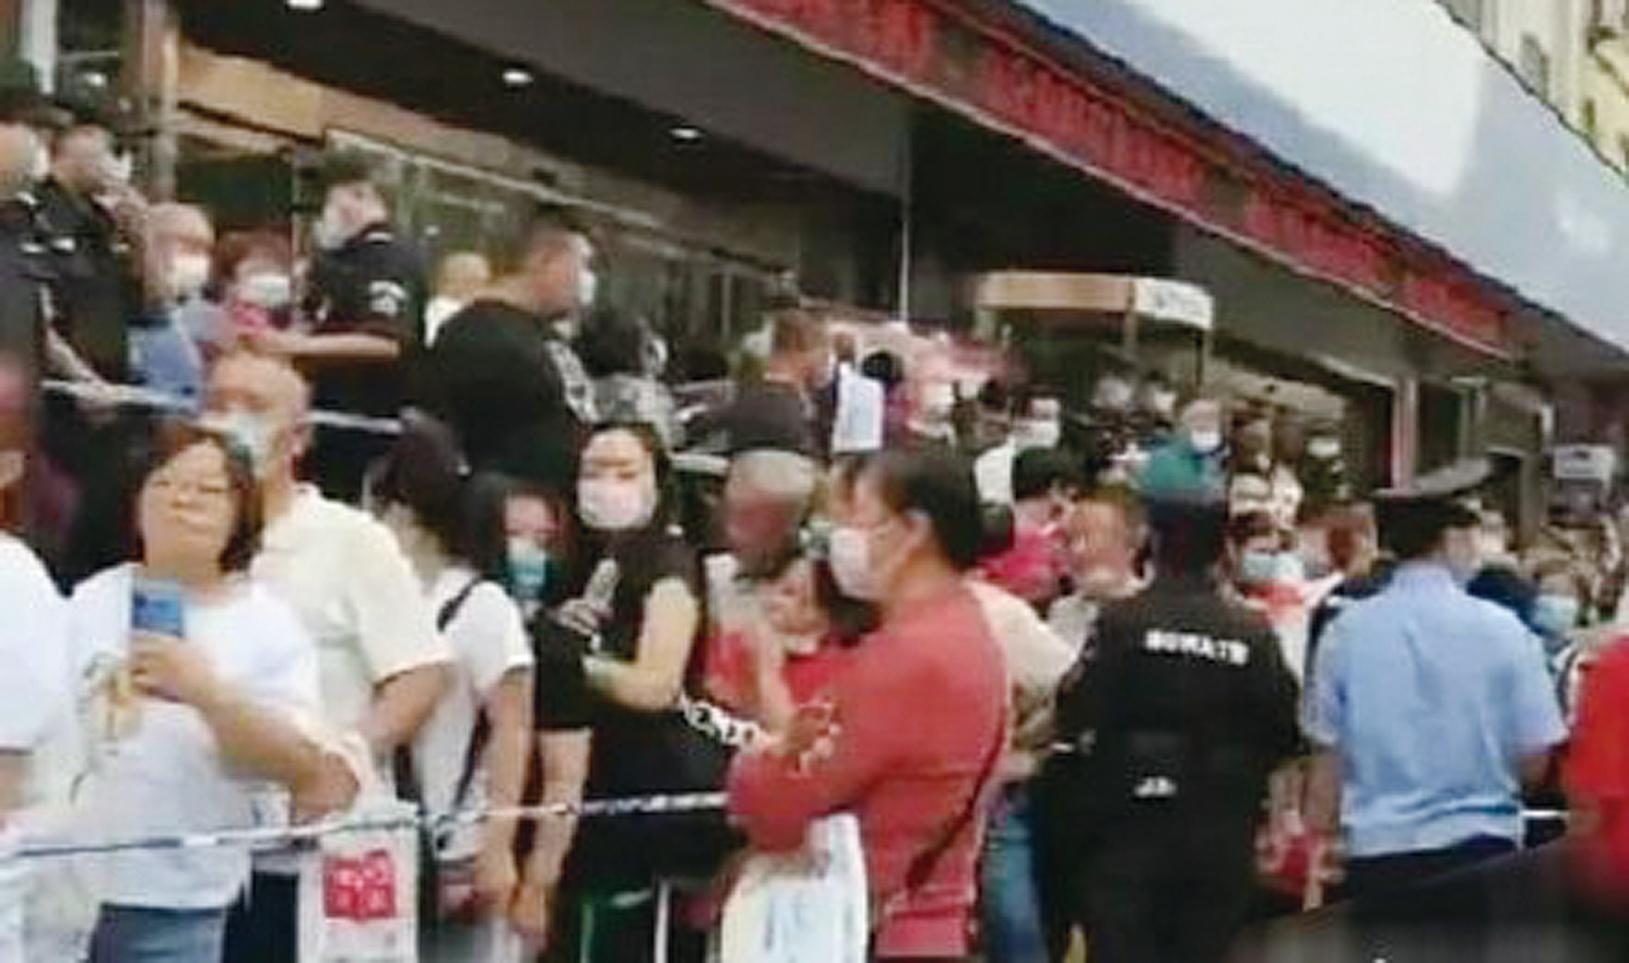 因為傳言資金斷裂,銀行行長跑路,山西陽泉市商業銀行發生擠兌現象。(微博圖片)